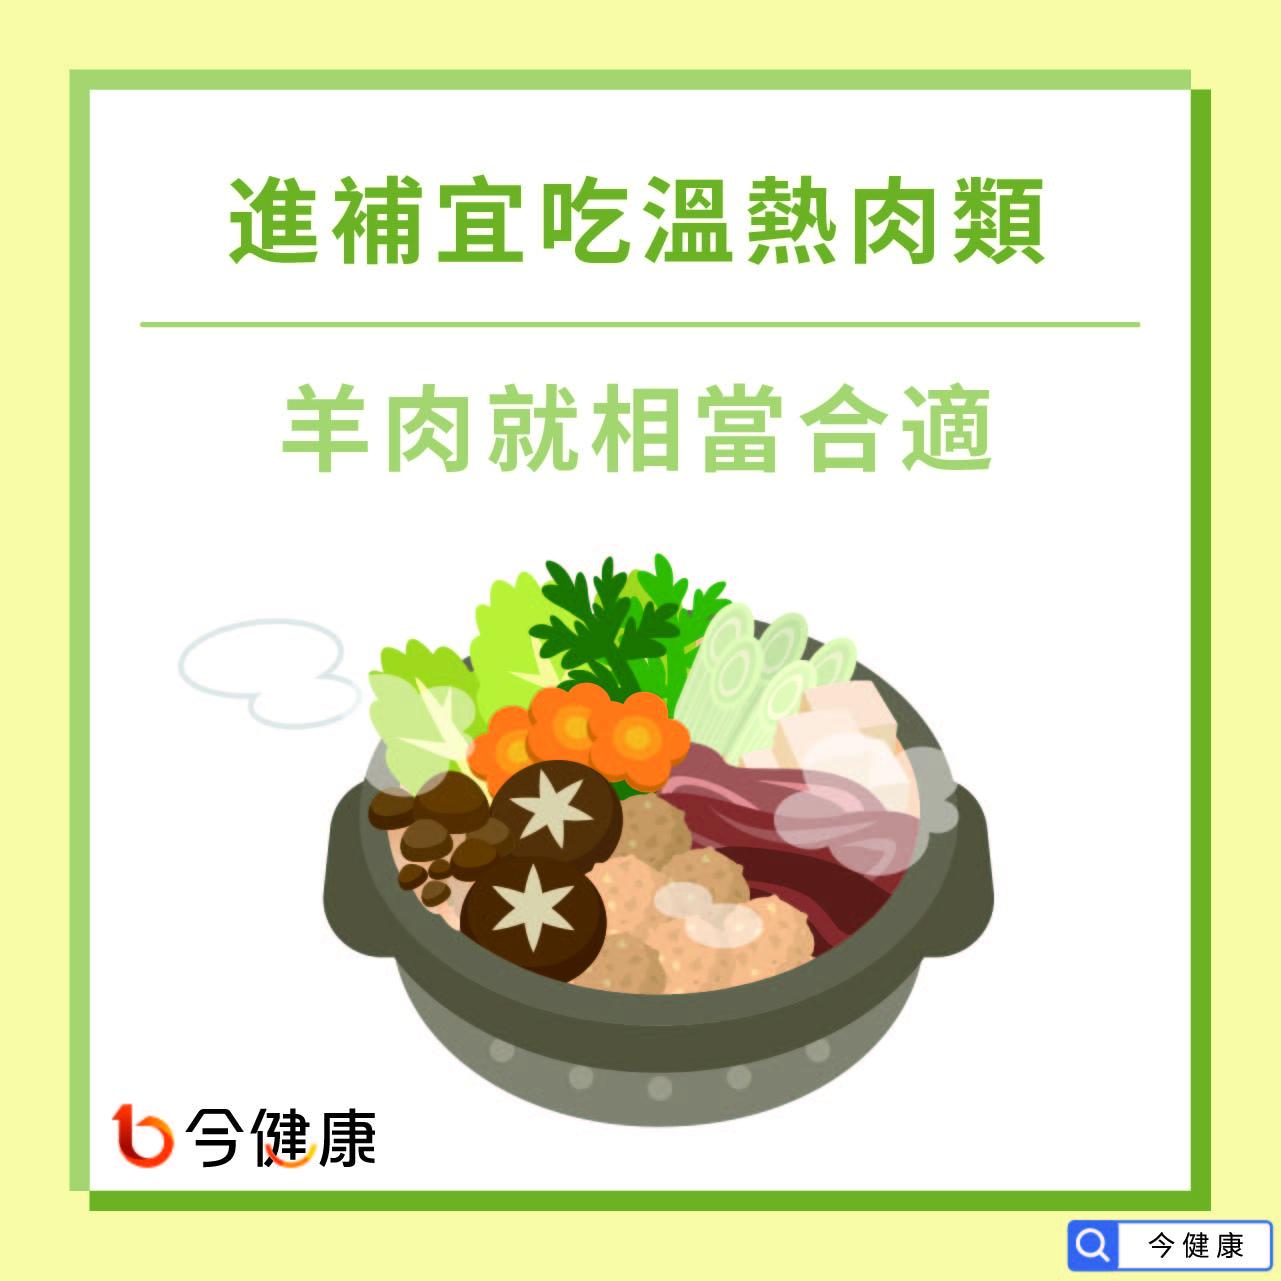 進補宜吃溫熱肉類,羊肉就相當合適